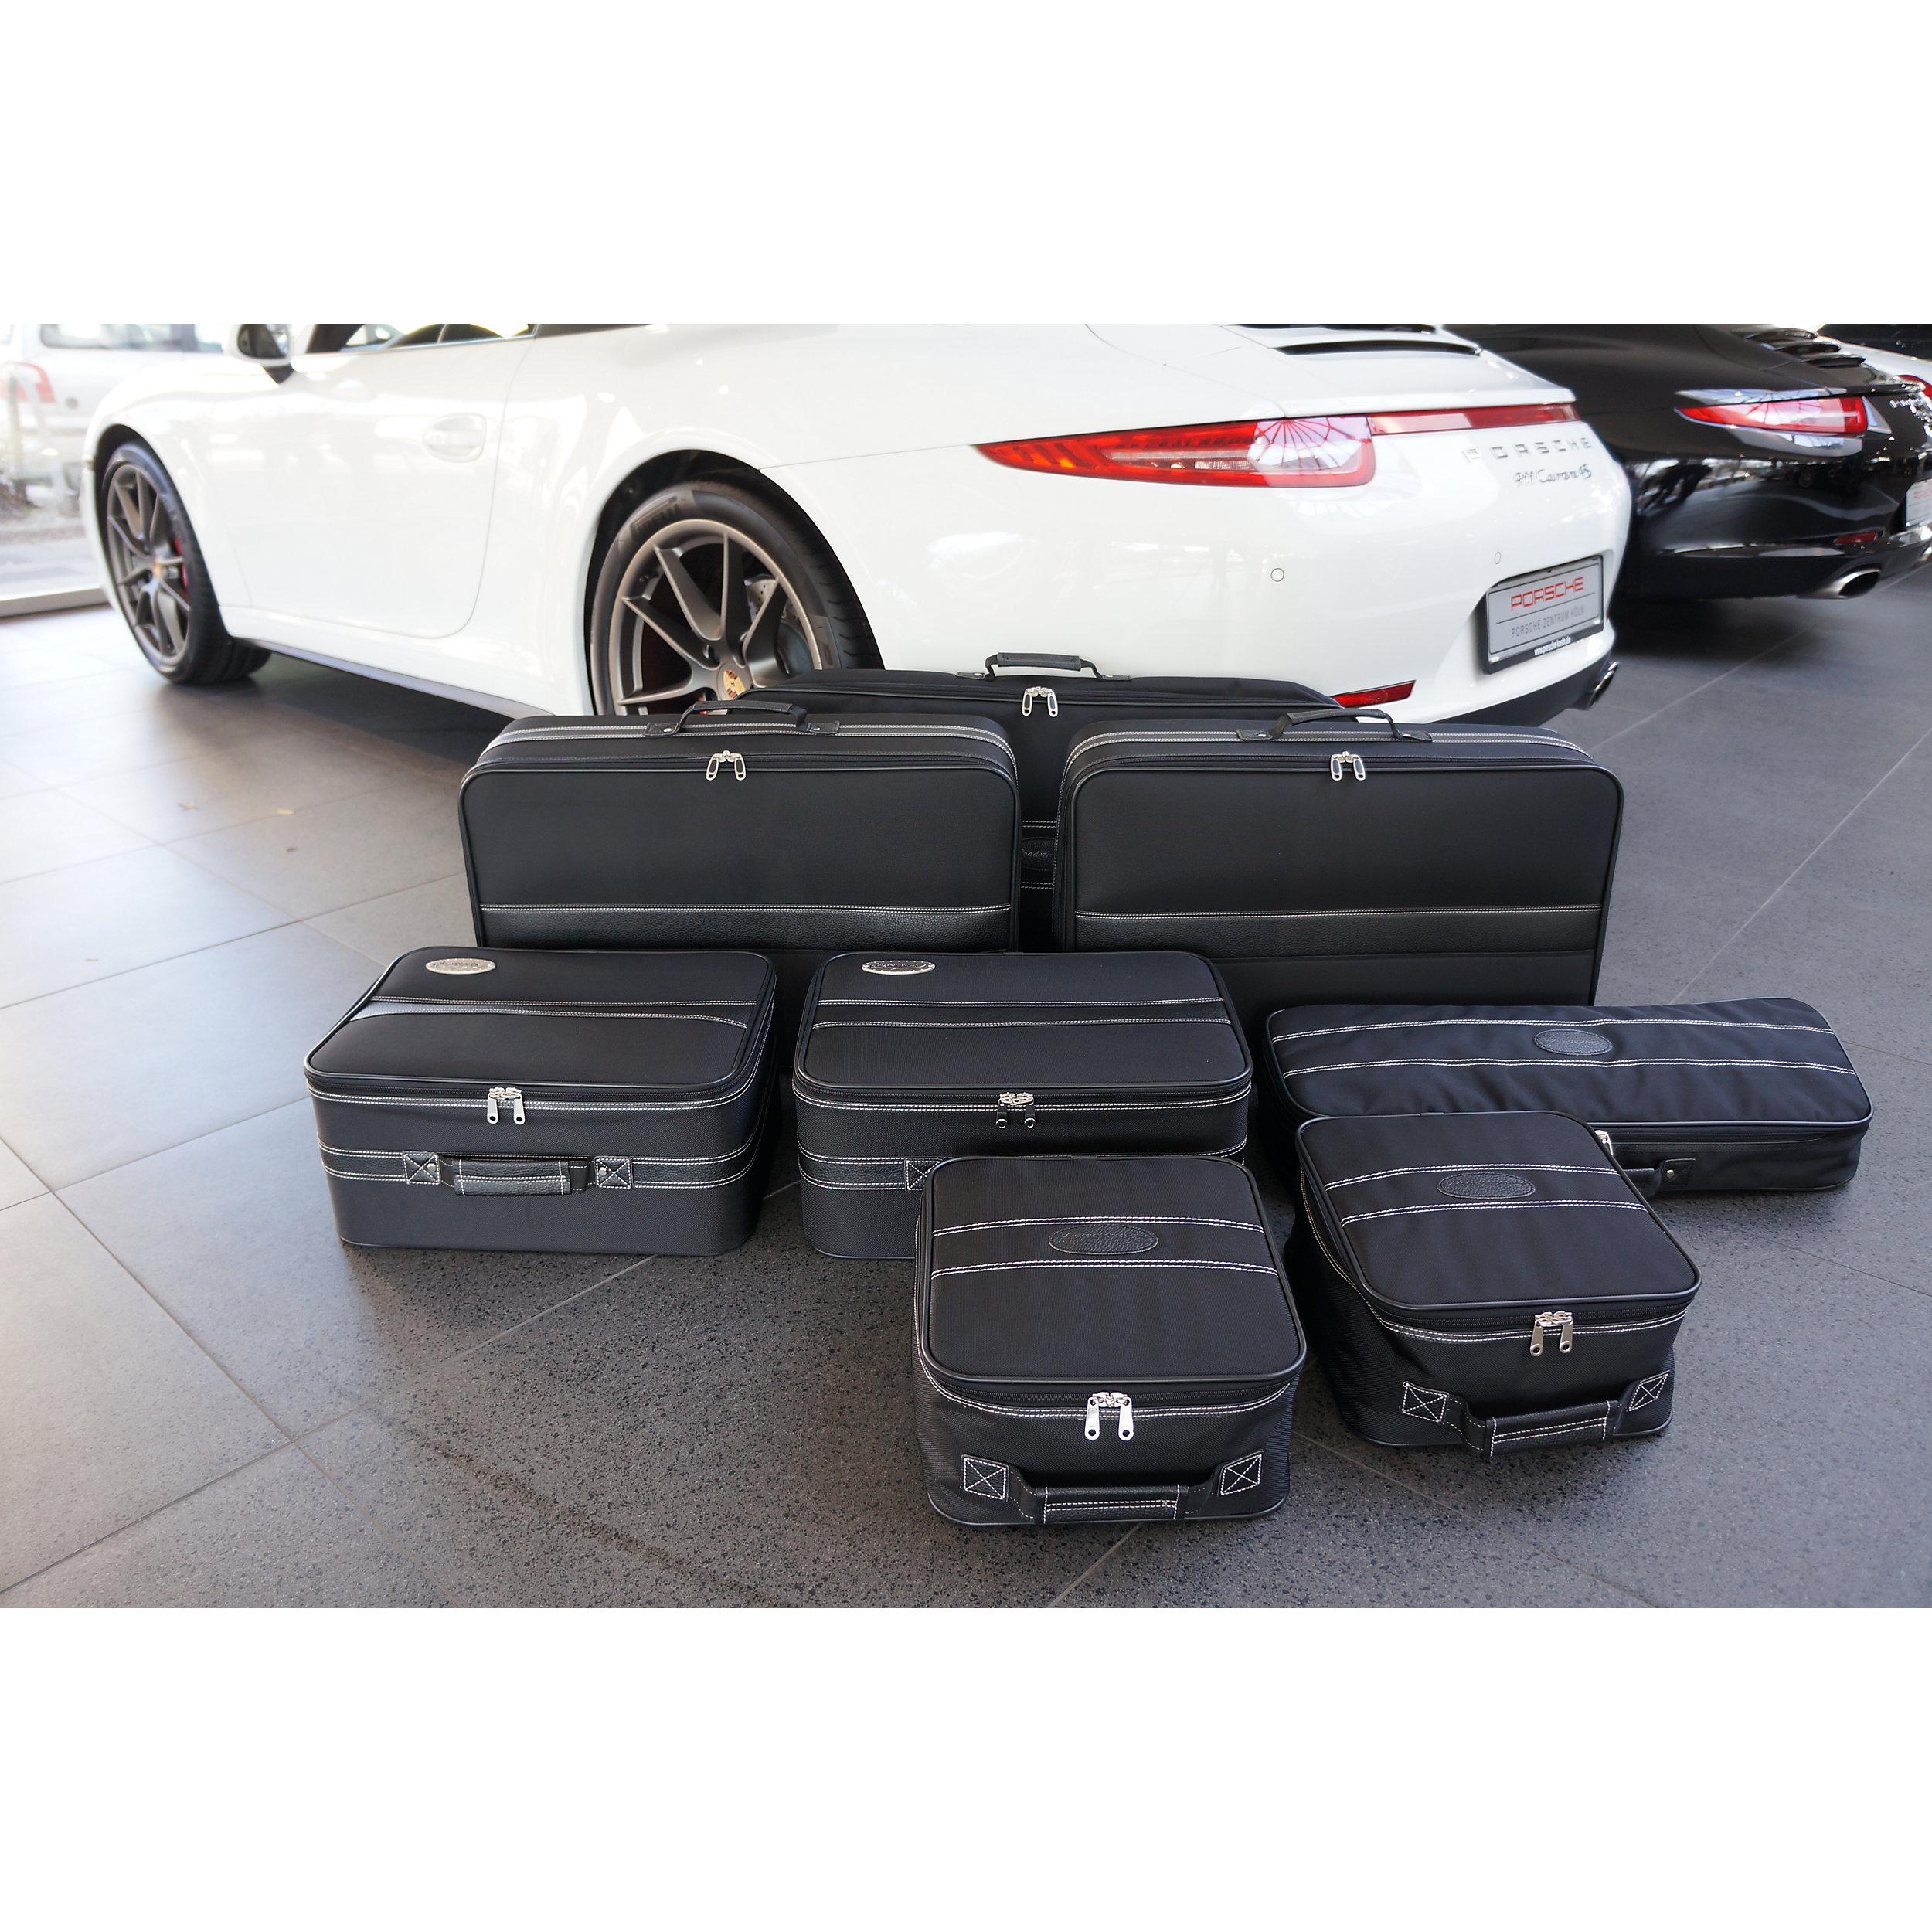 8tlg. Autokofferset Porsche 911 991 224 Liter